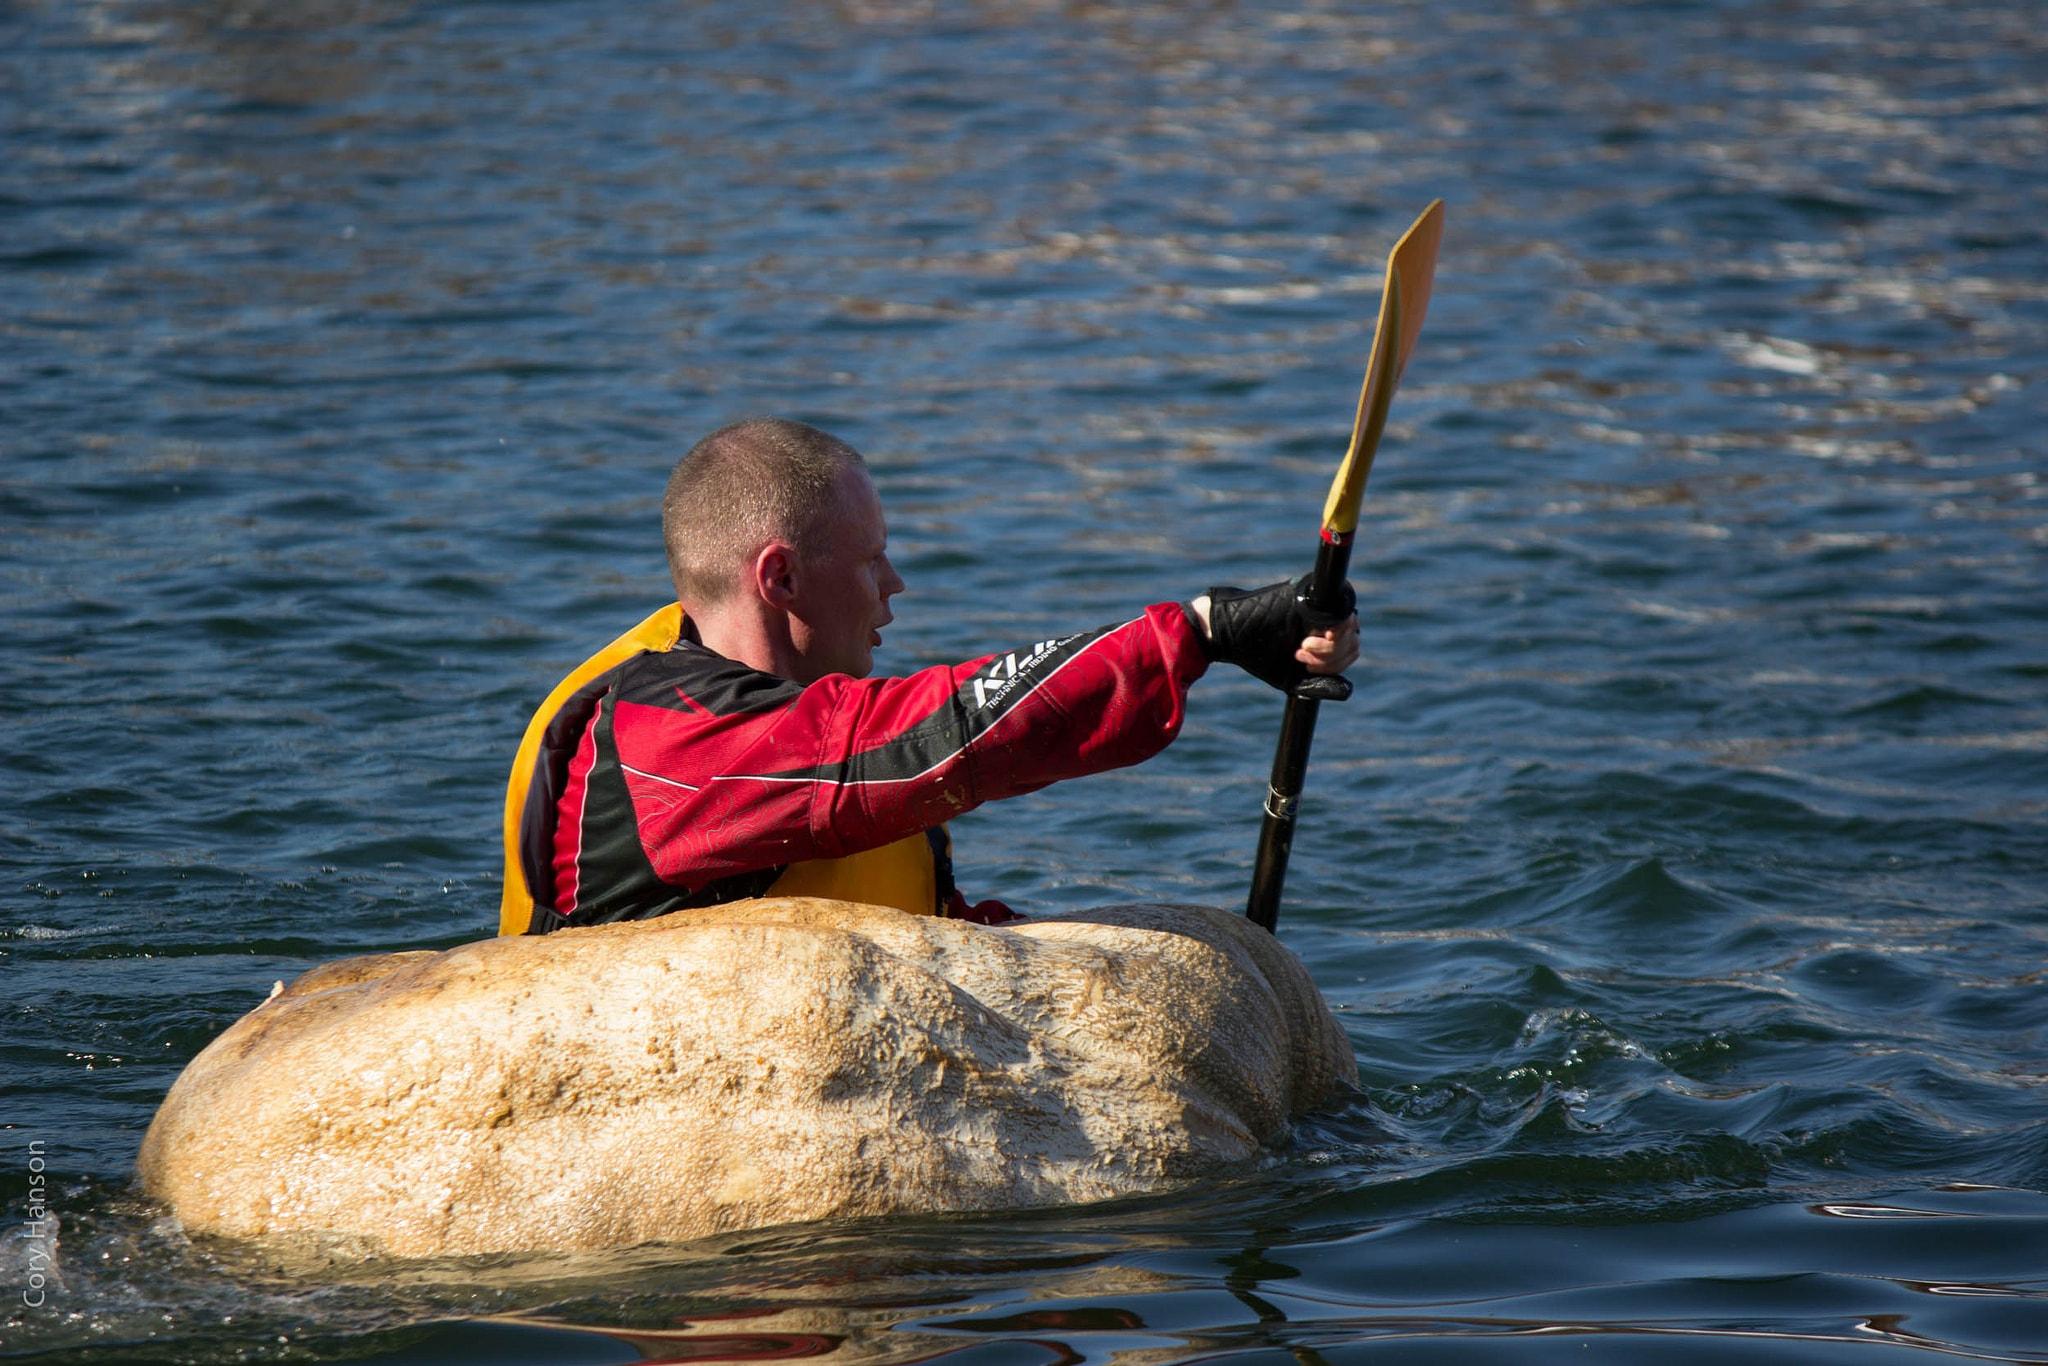 Pumpkin canoe race | © Cory Hanson/Flickr